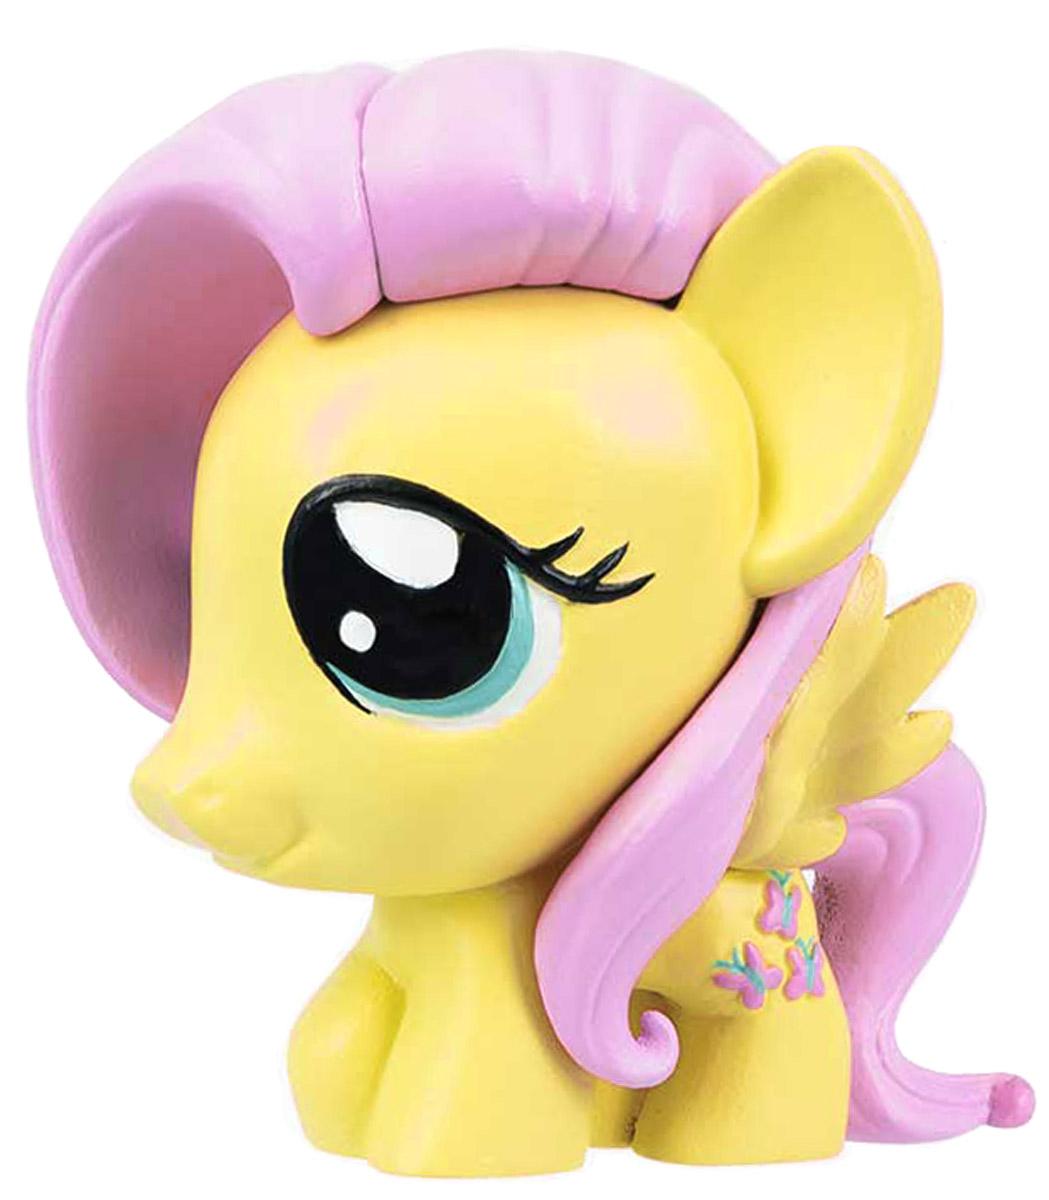 My Little Pony Фигурка-мялка Флаттершай1134404_жёлтыйФигурка-мялка My Little Pony Флаттершай непременно понравятся вашей малышке! Игрушка выполнена в виде героини мультфильма My Little Pony. Игрушка изготовлена из безопасной термопластичной резины, благодаря чему ее можно сжимать, крутить, кидать - а она всегда будет возвращаться в первоначальный вид. Игрушка-мялка способствует развитию мелкой моторики пальцев рук, развивает творческое мышление, укрепляет кистевые мышцы рук, создает позитивный эмоциональный фон и является замечательным антистрессом. Порадуйте своего ребенка таким замечательным подарком!